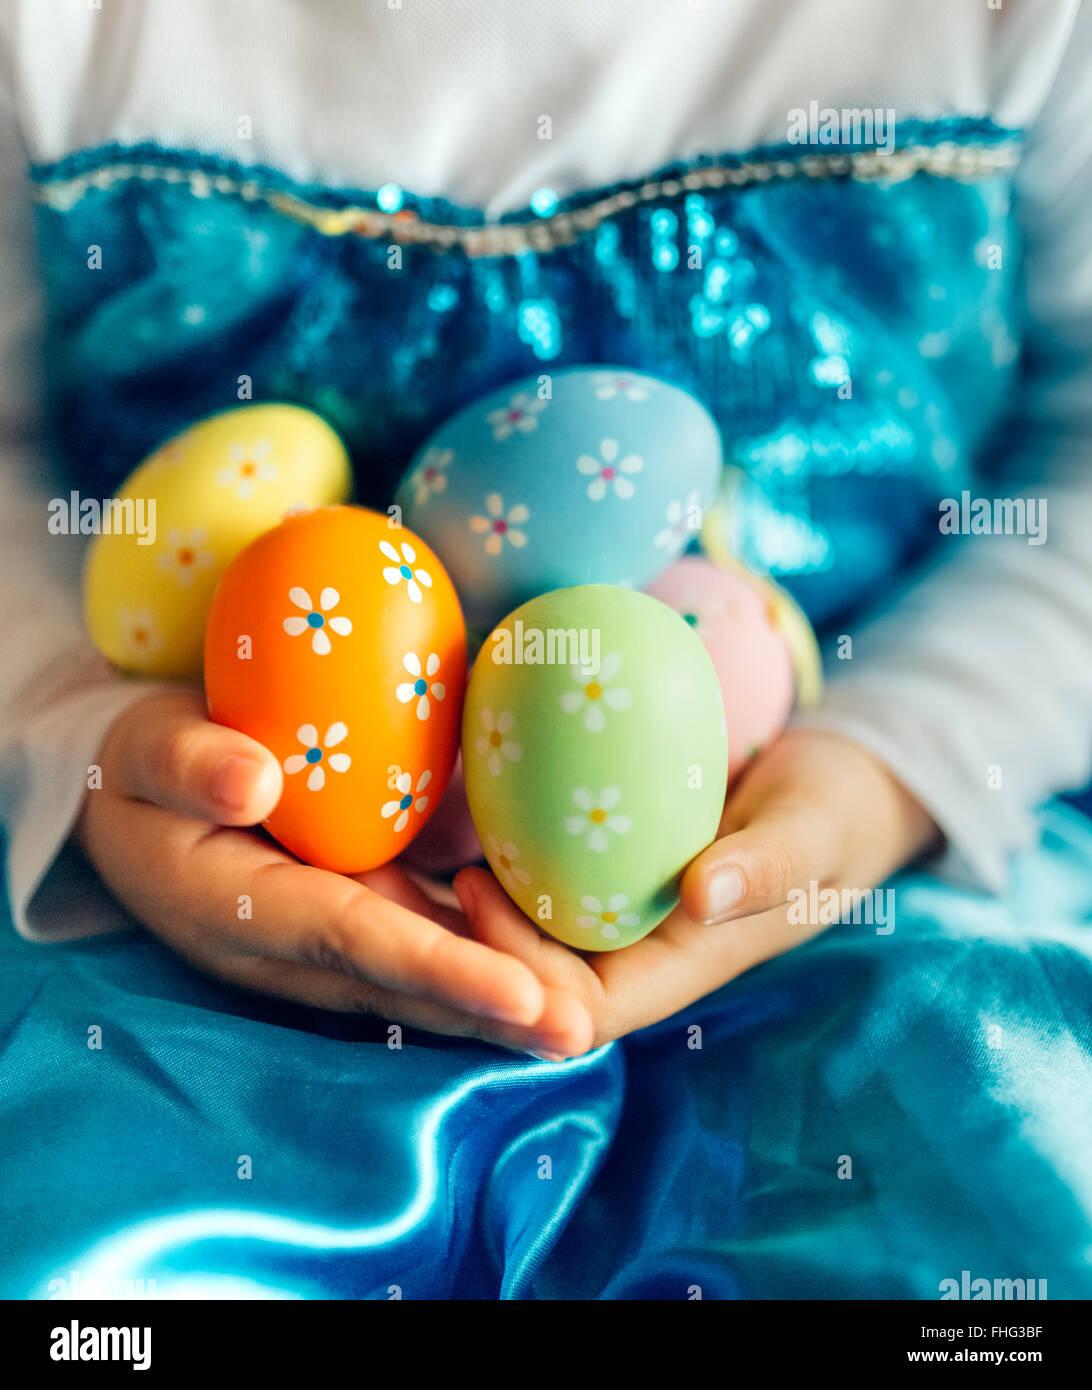 Little girl's hands holding Easter eggs - Stock Image